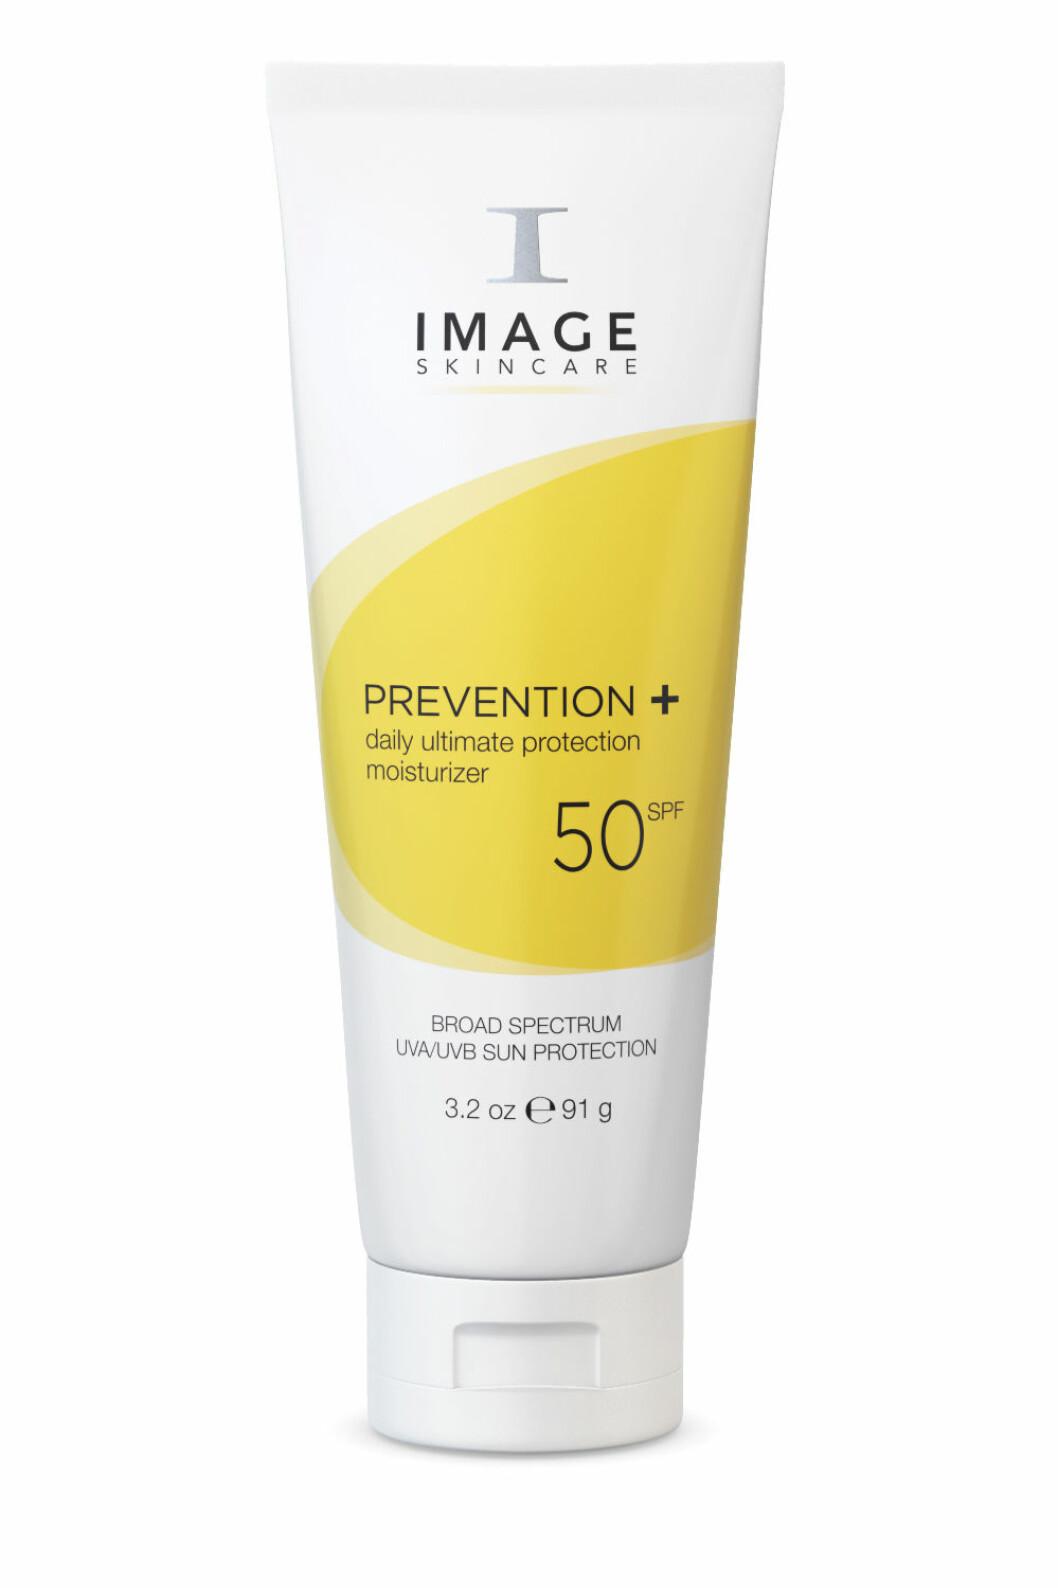 Skincare prevention spf 50, Image skincare.